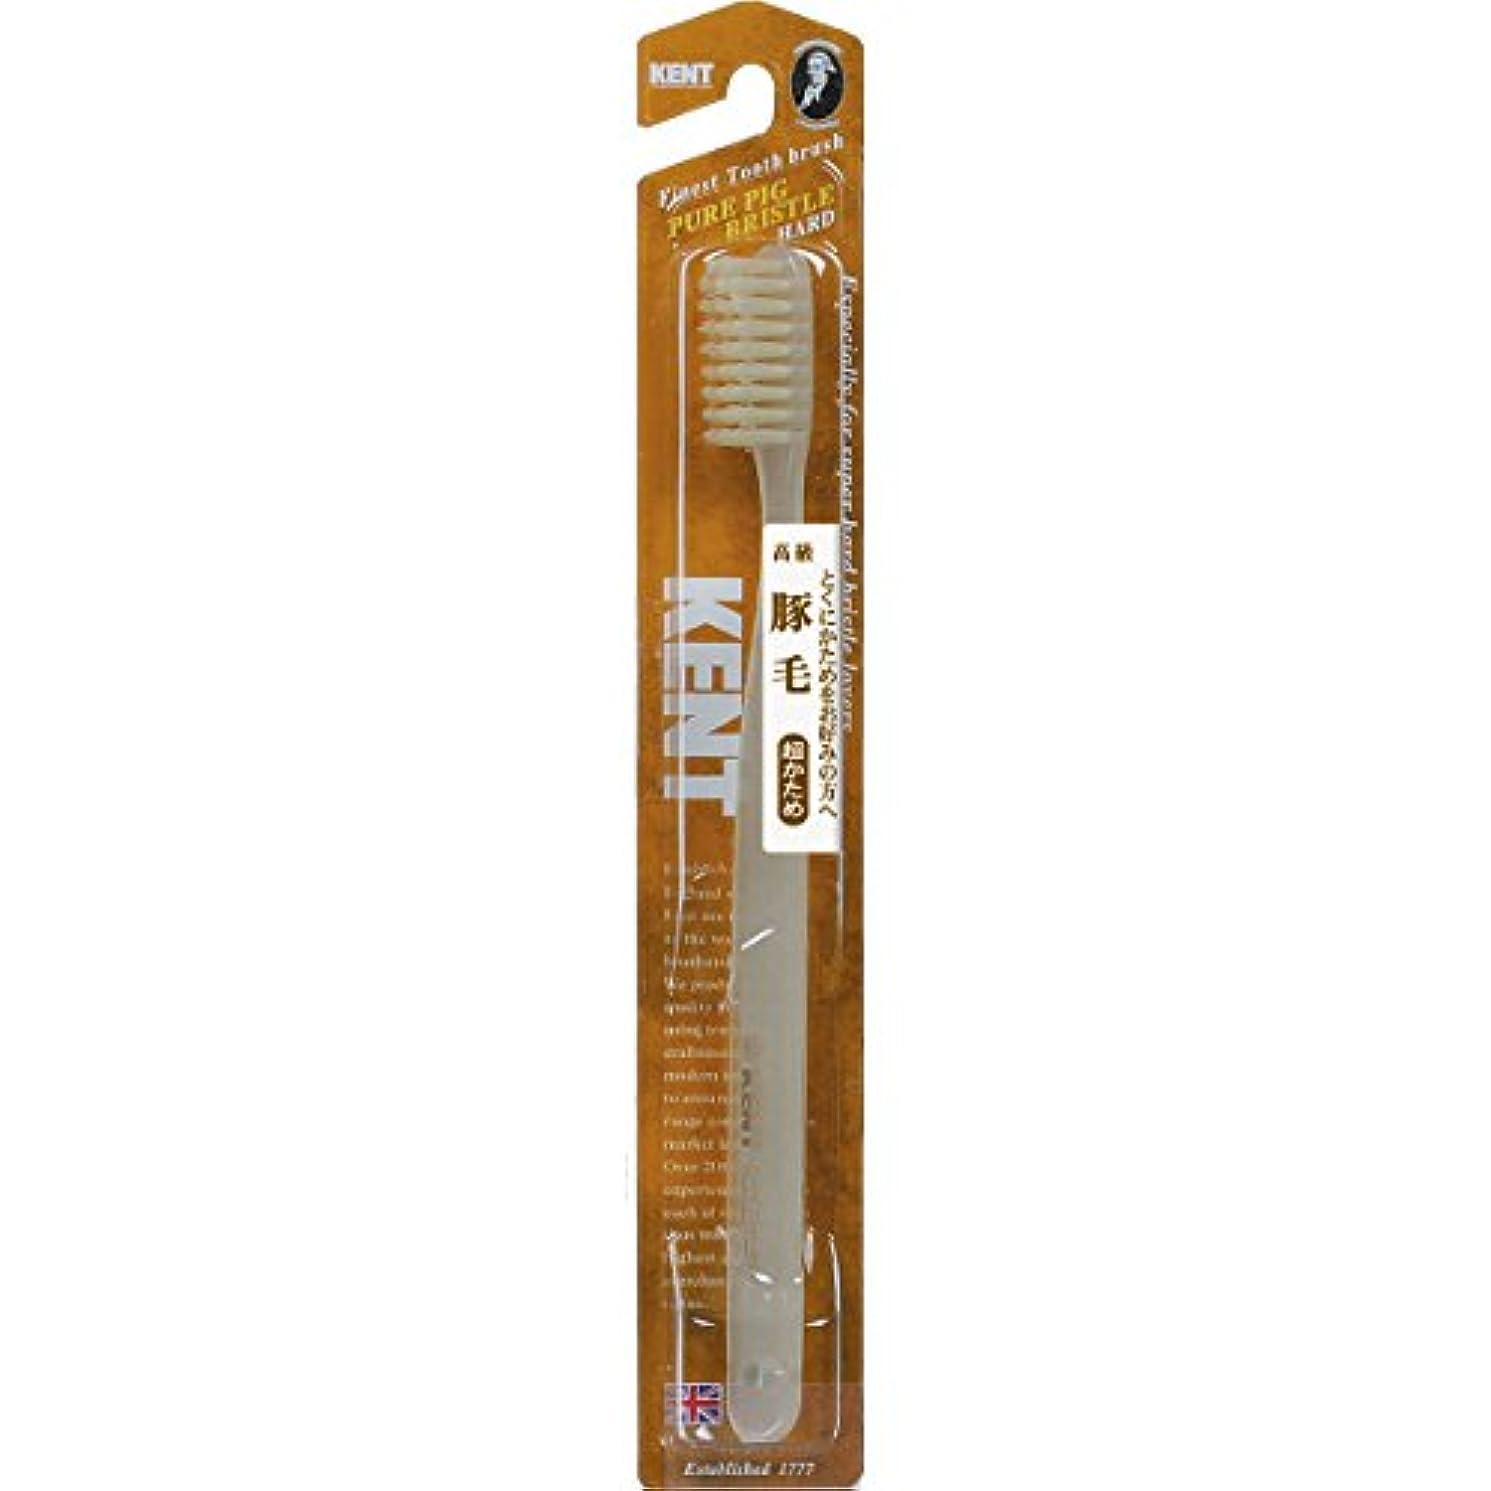 ランチミシン目並外れてKENT 豚毛歯ブラシ ラージヘッド 超かため KNT-2433 ×5個セット